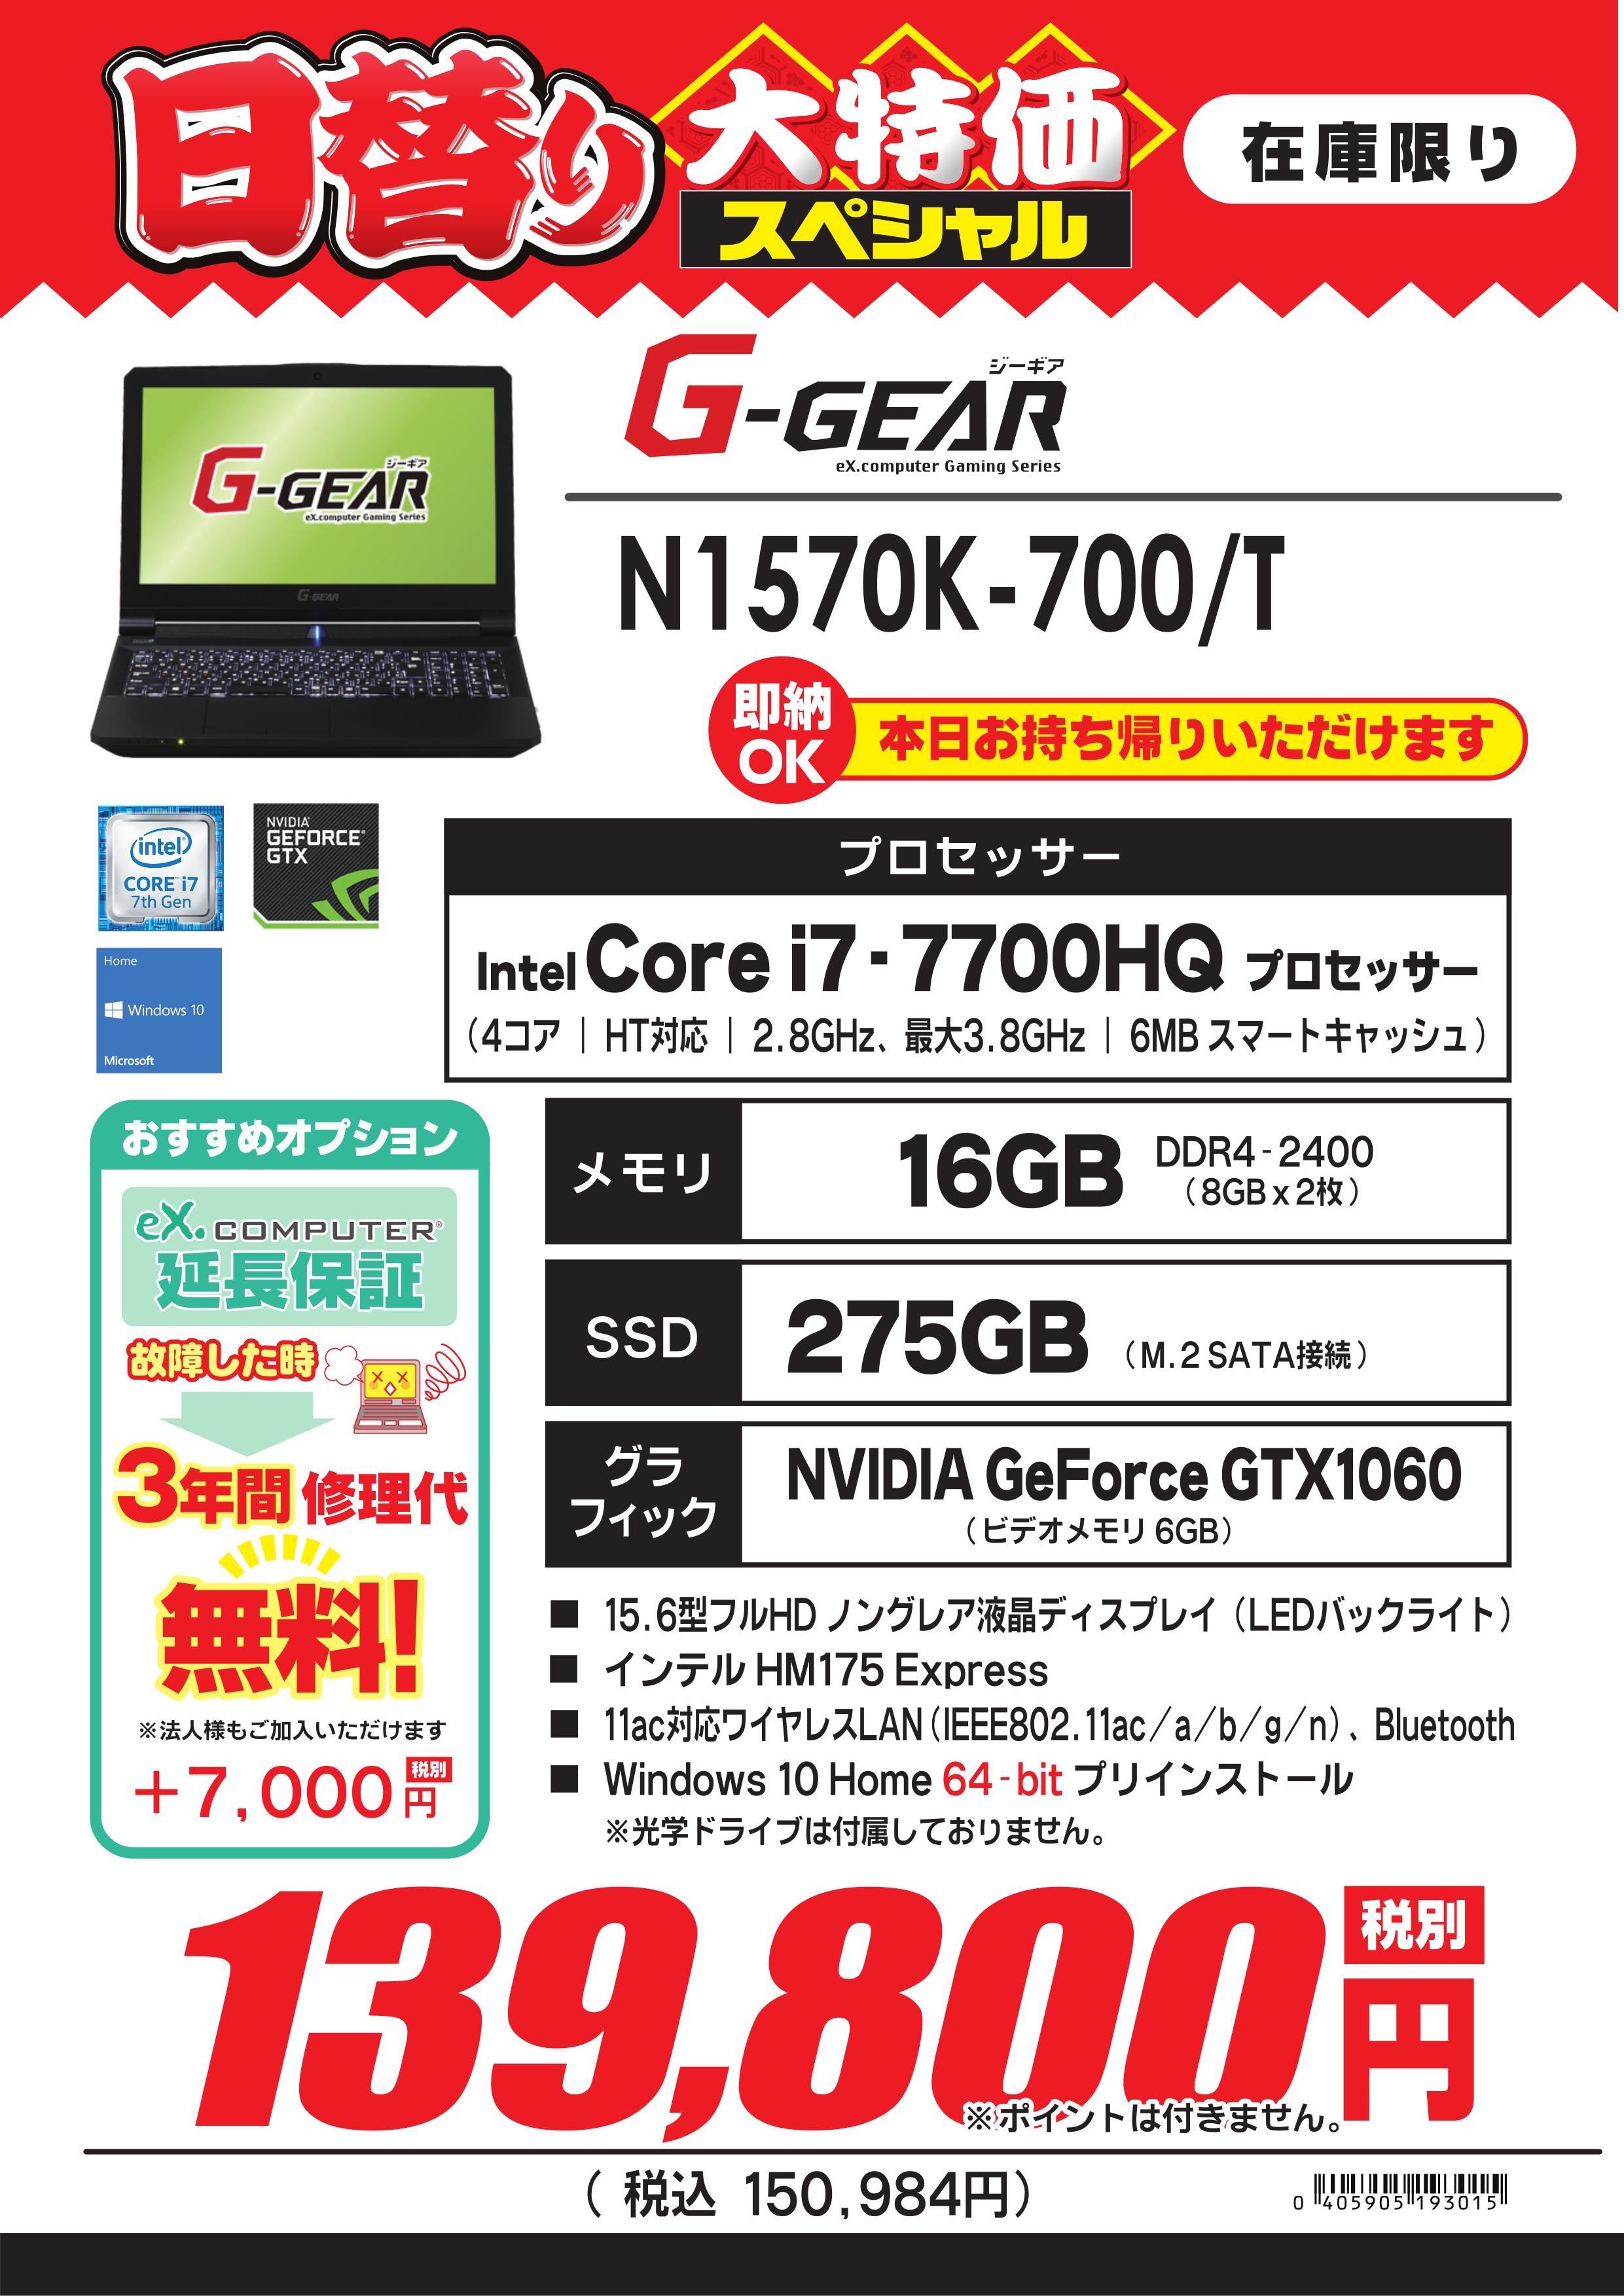 N1570K-700_T新年_imgs-0001.png